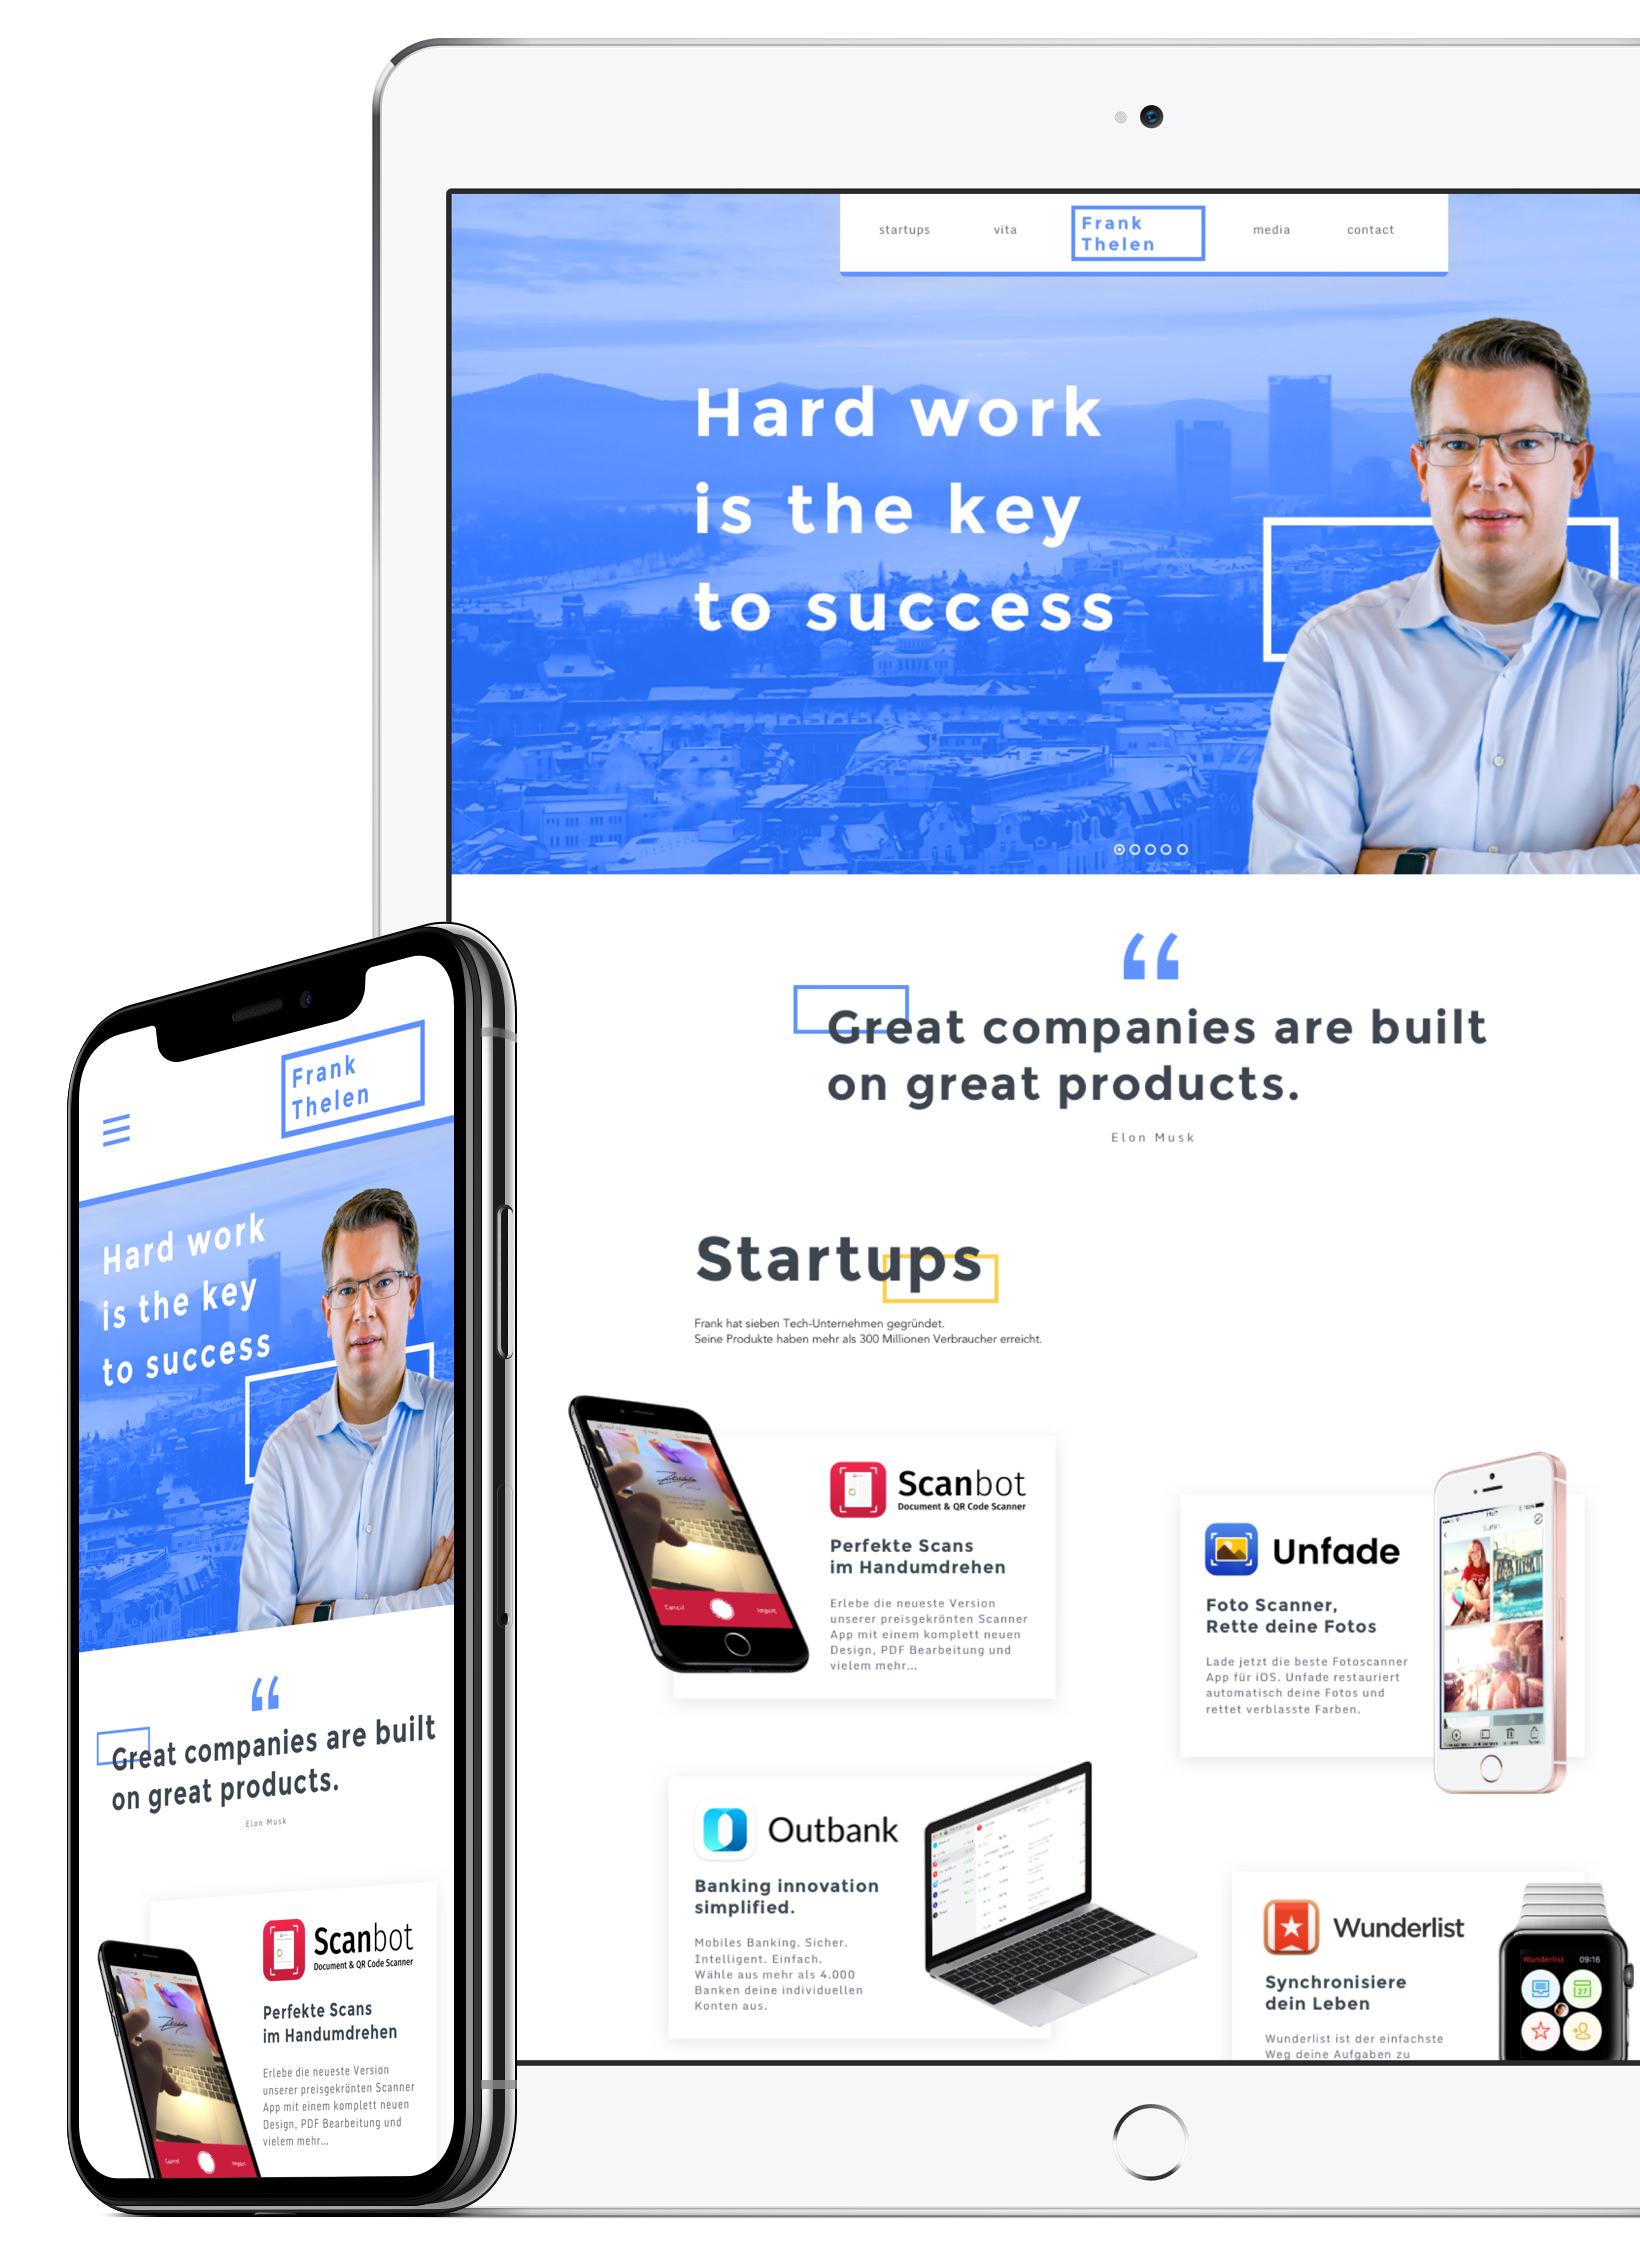 Frank Thelen - WebdesignPersonal BrandingLogo Design